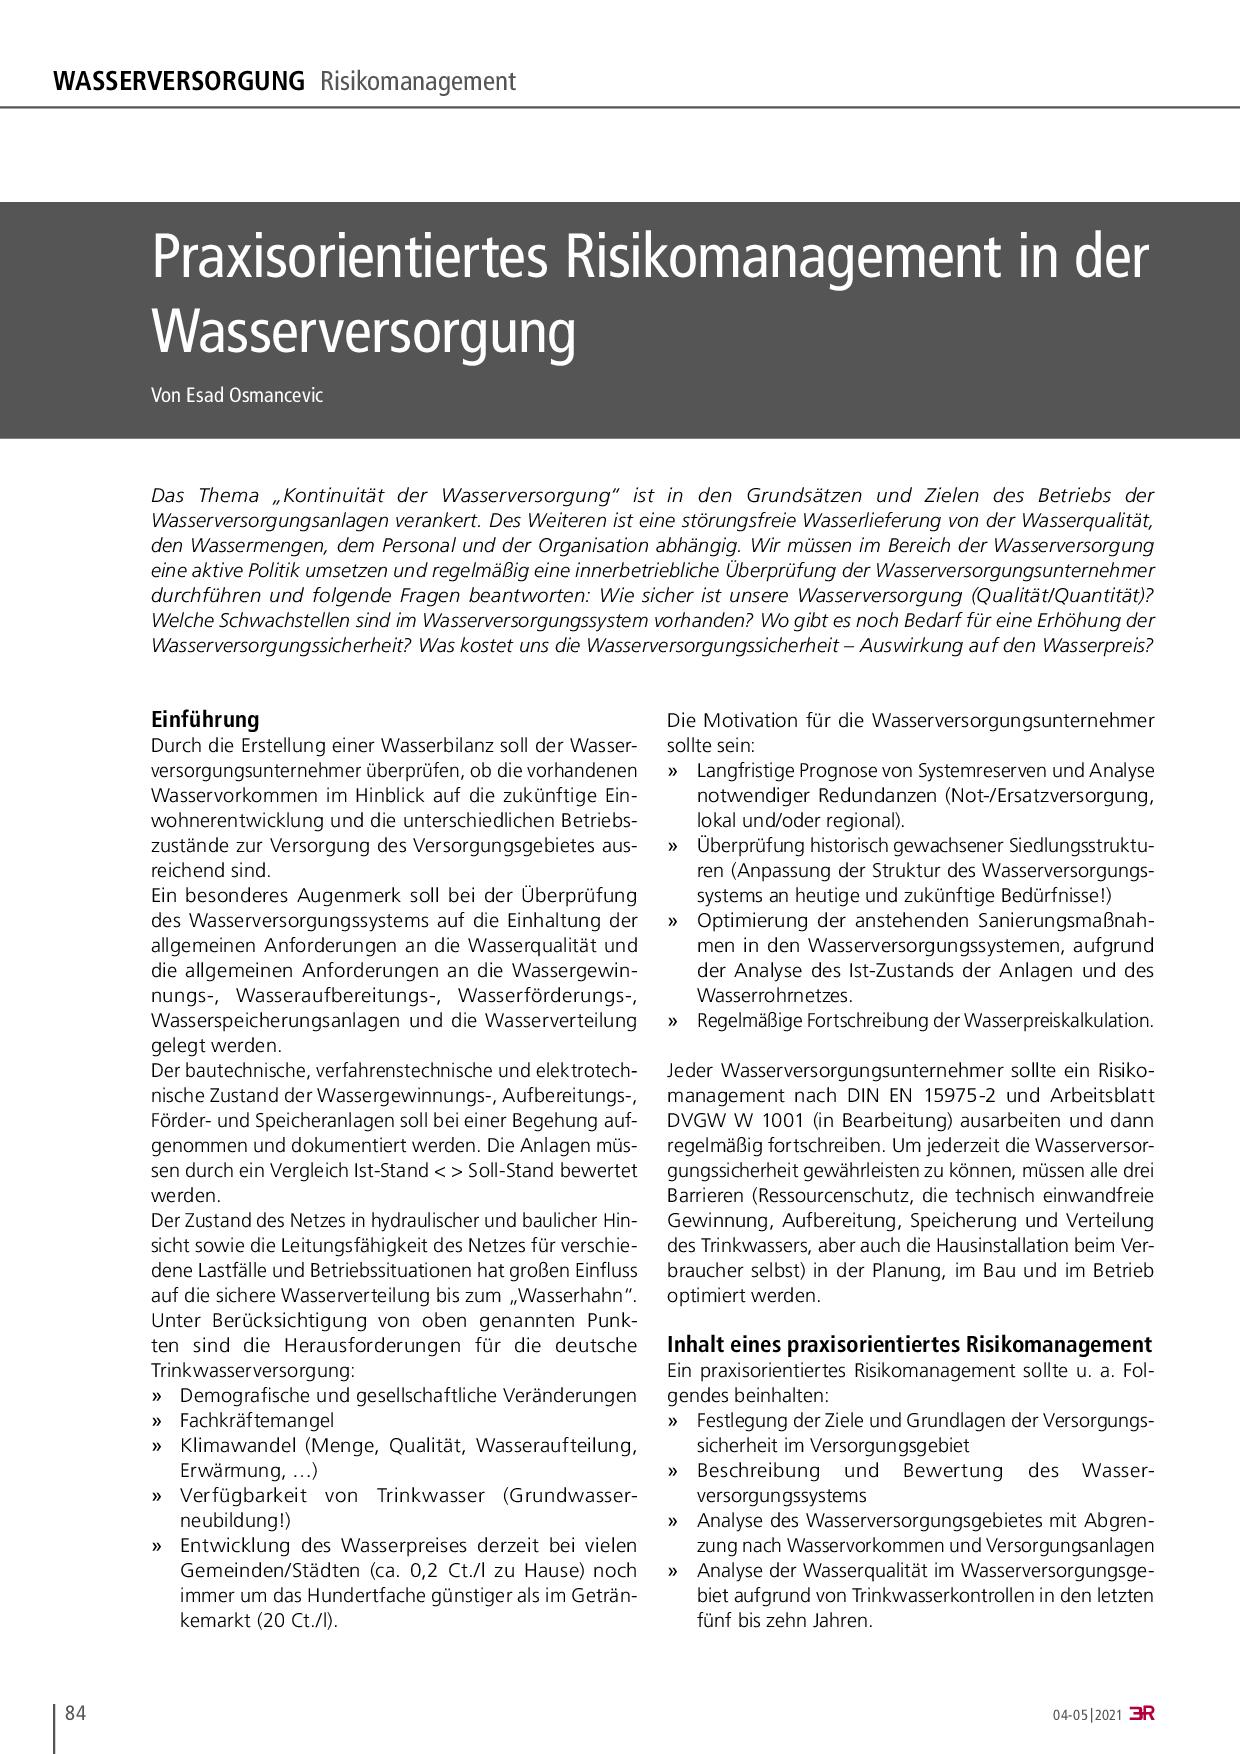 Praxisorientiertes Risikomanagement in der Wasserversorgung